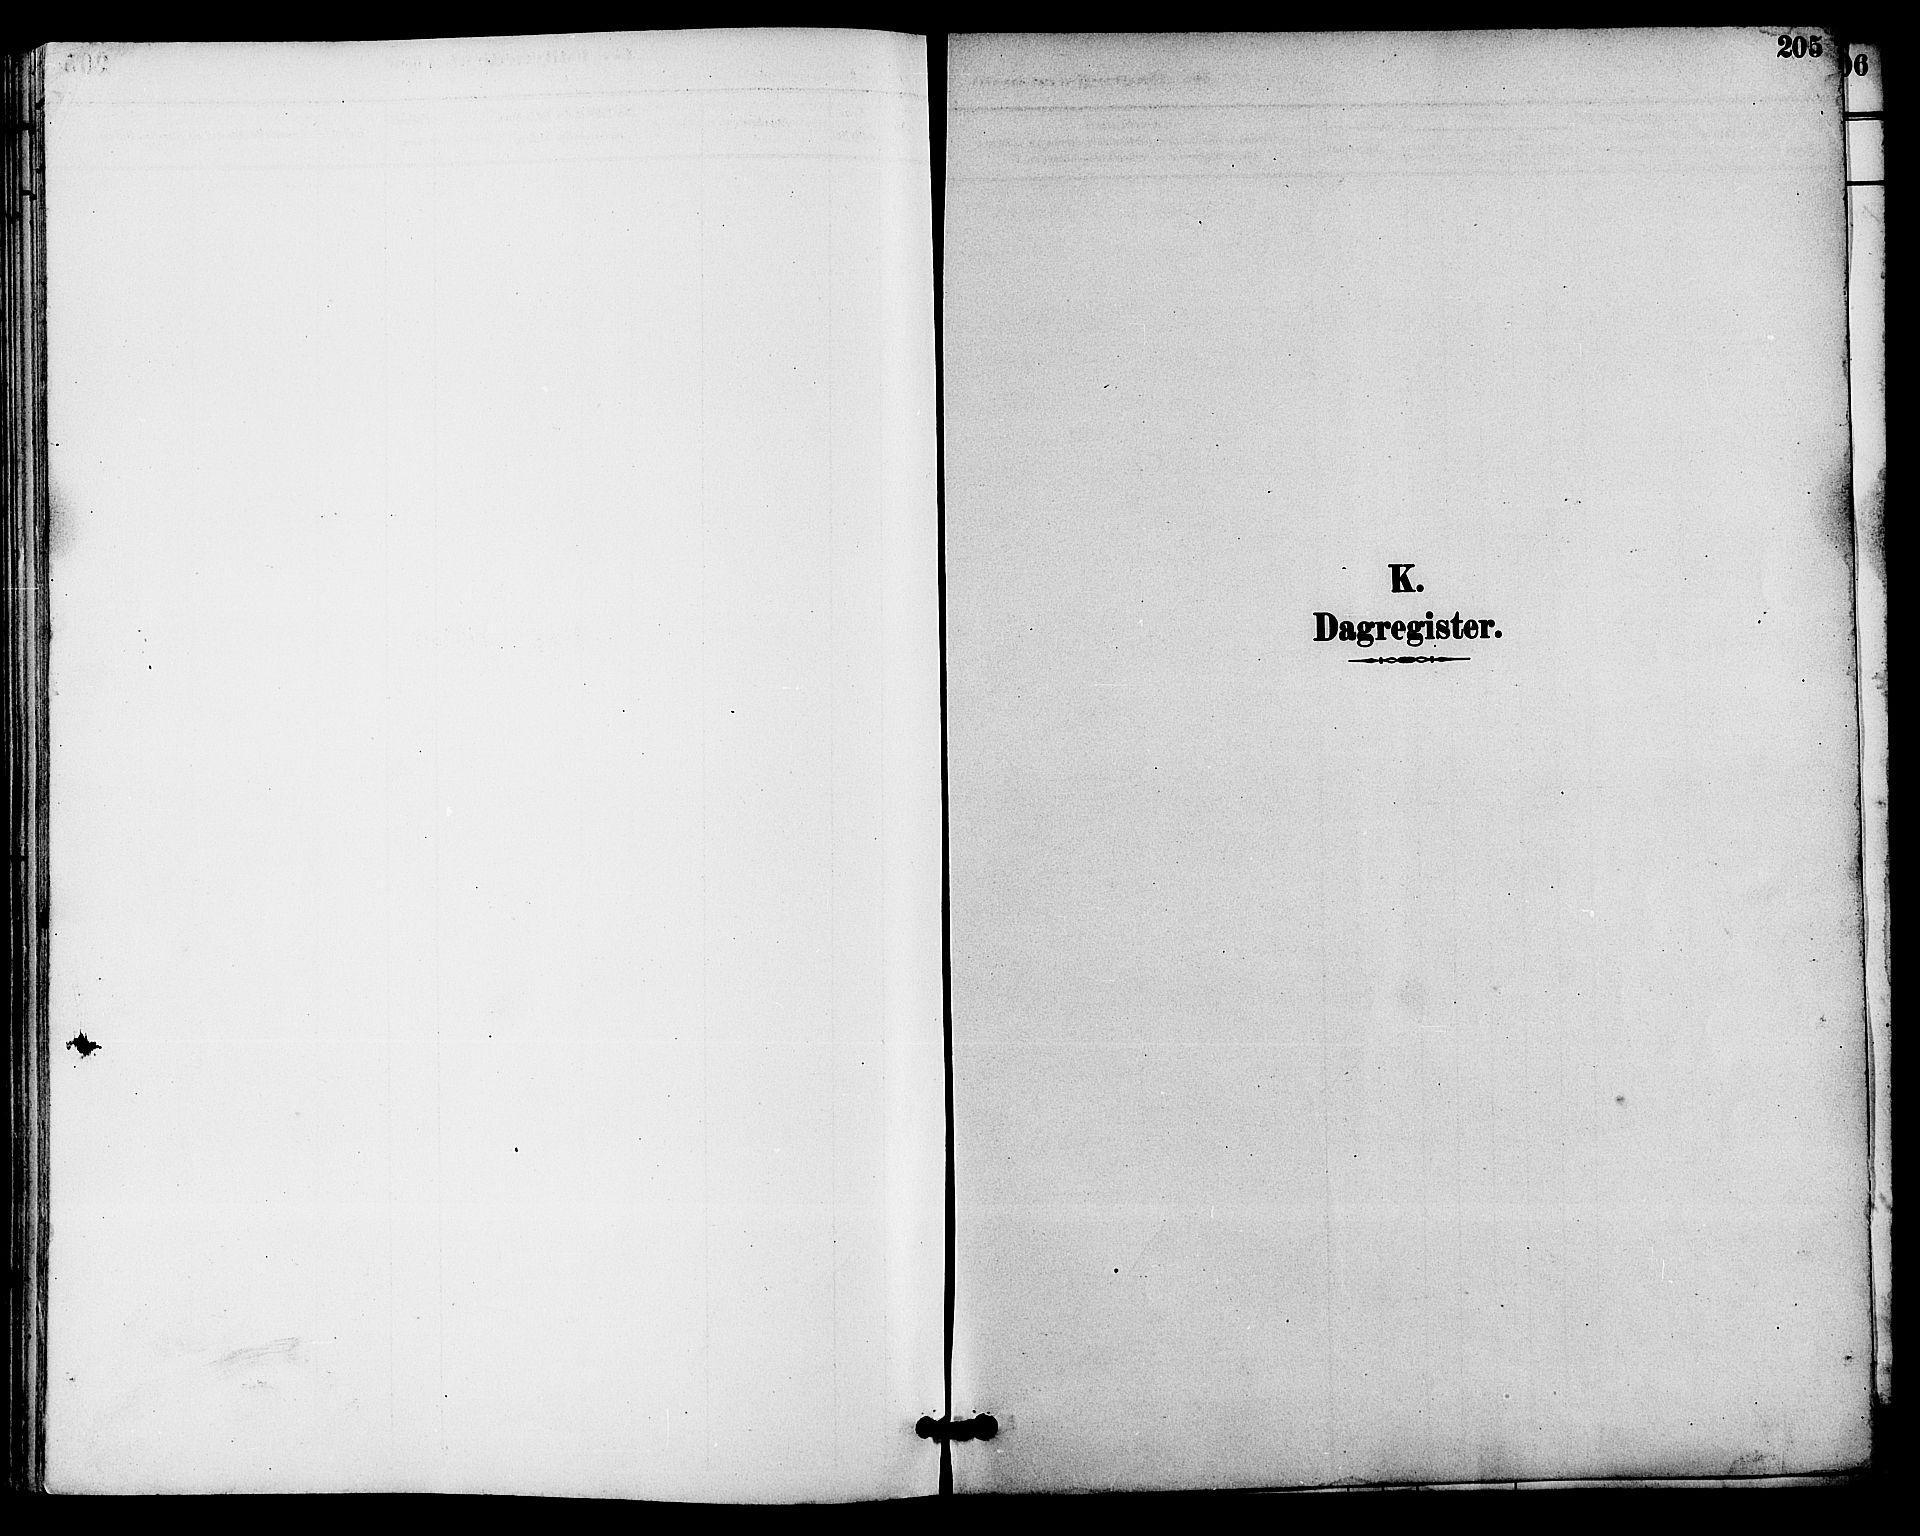 SAKO, Seljord kirkebøker, G/Ga/L0005: Klokkerbok nr. I 5, 1887-1914, s. 205